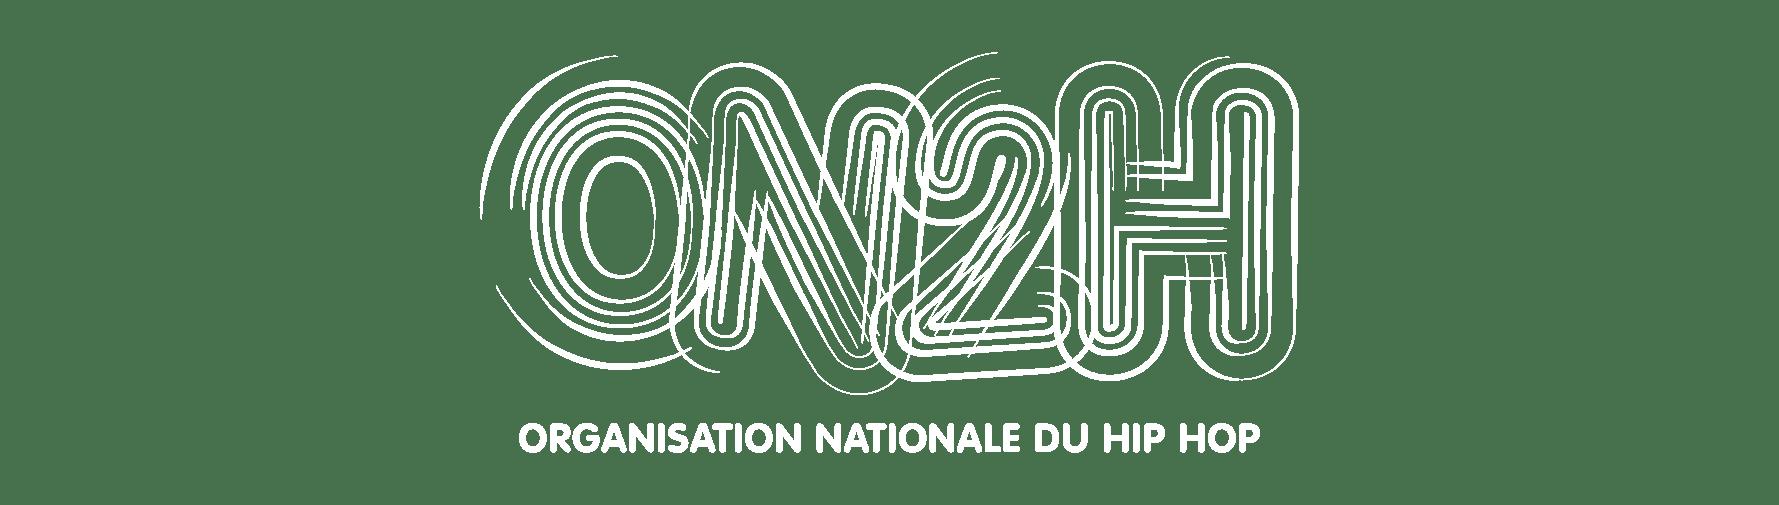 organisation nationale du hip-hop